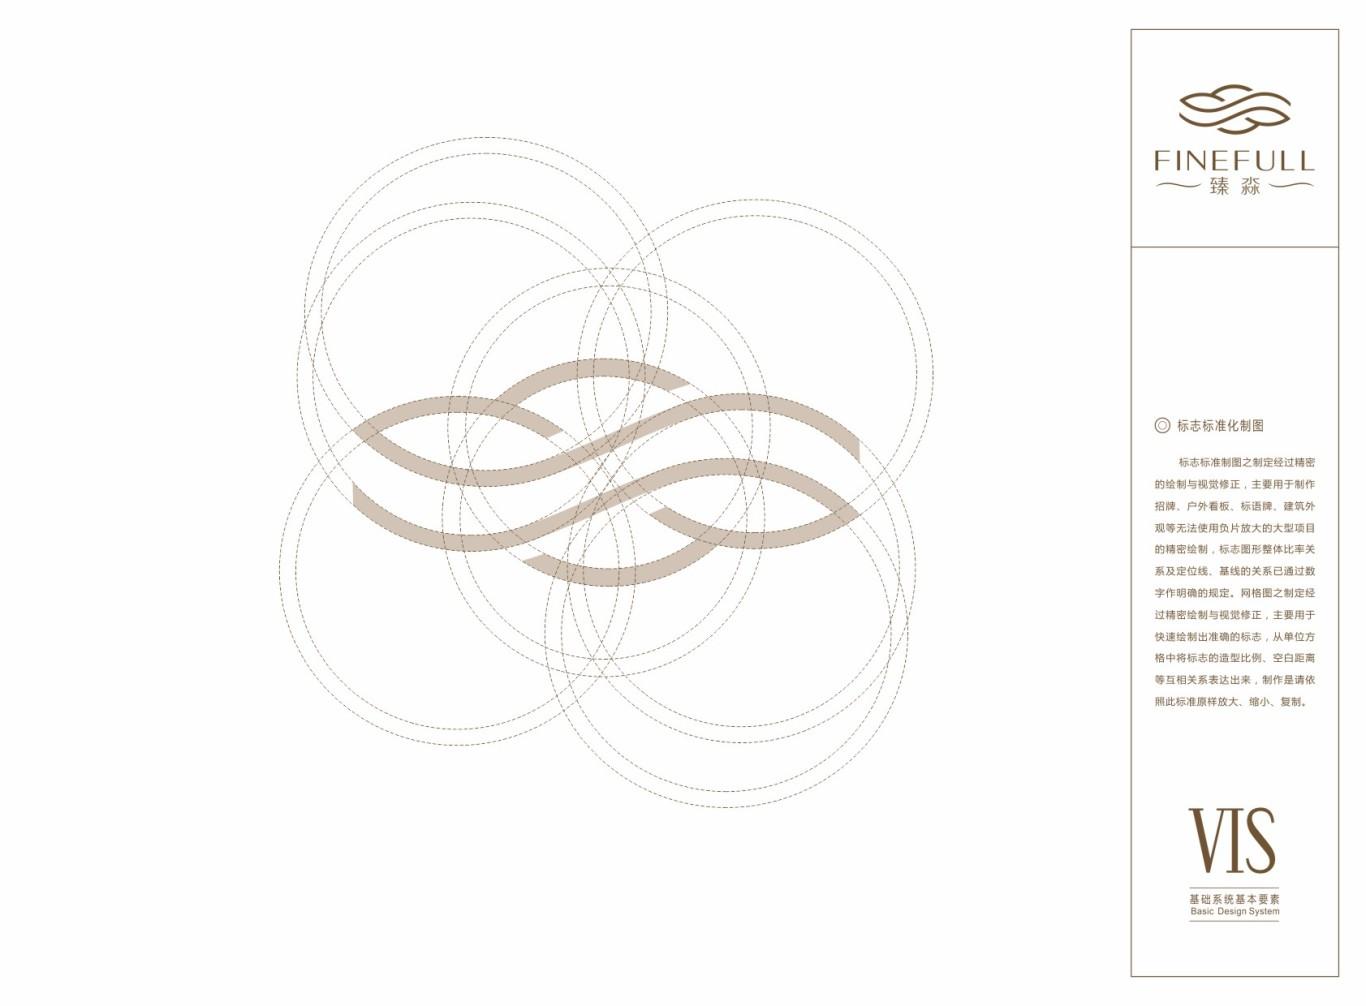 北京五星级FINEFULL-SPA水疗中心标志及VI设计图2